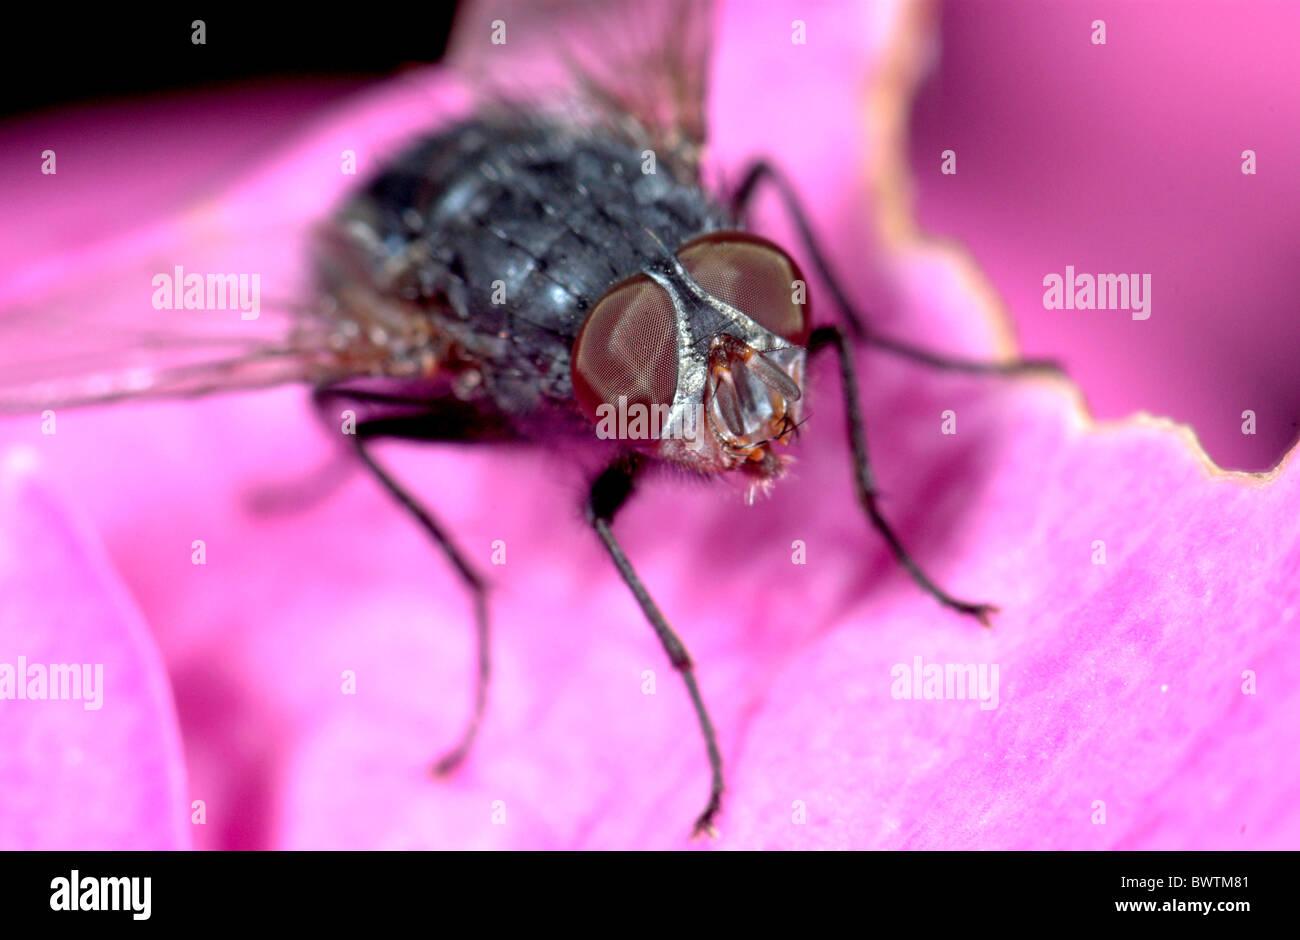 Greenbottle Fly Lucilia caesar UK - Stock Image